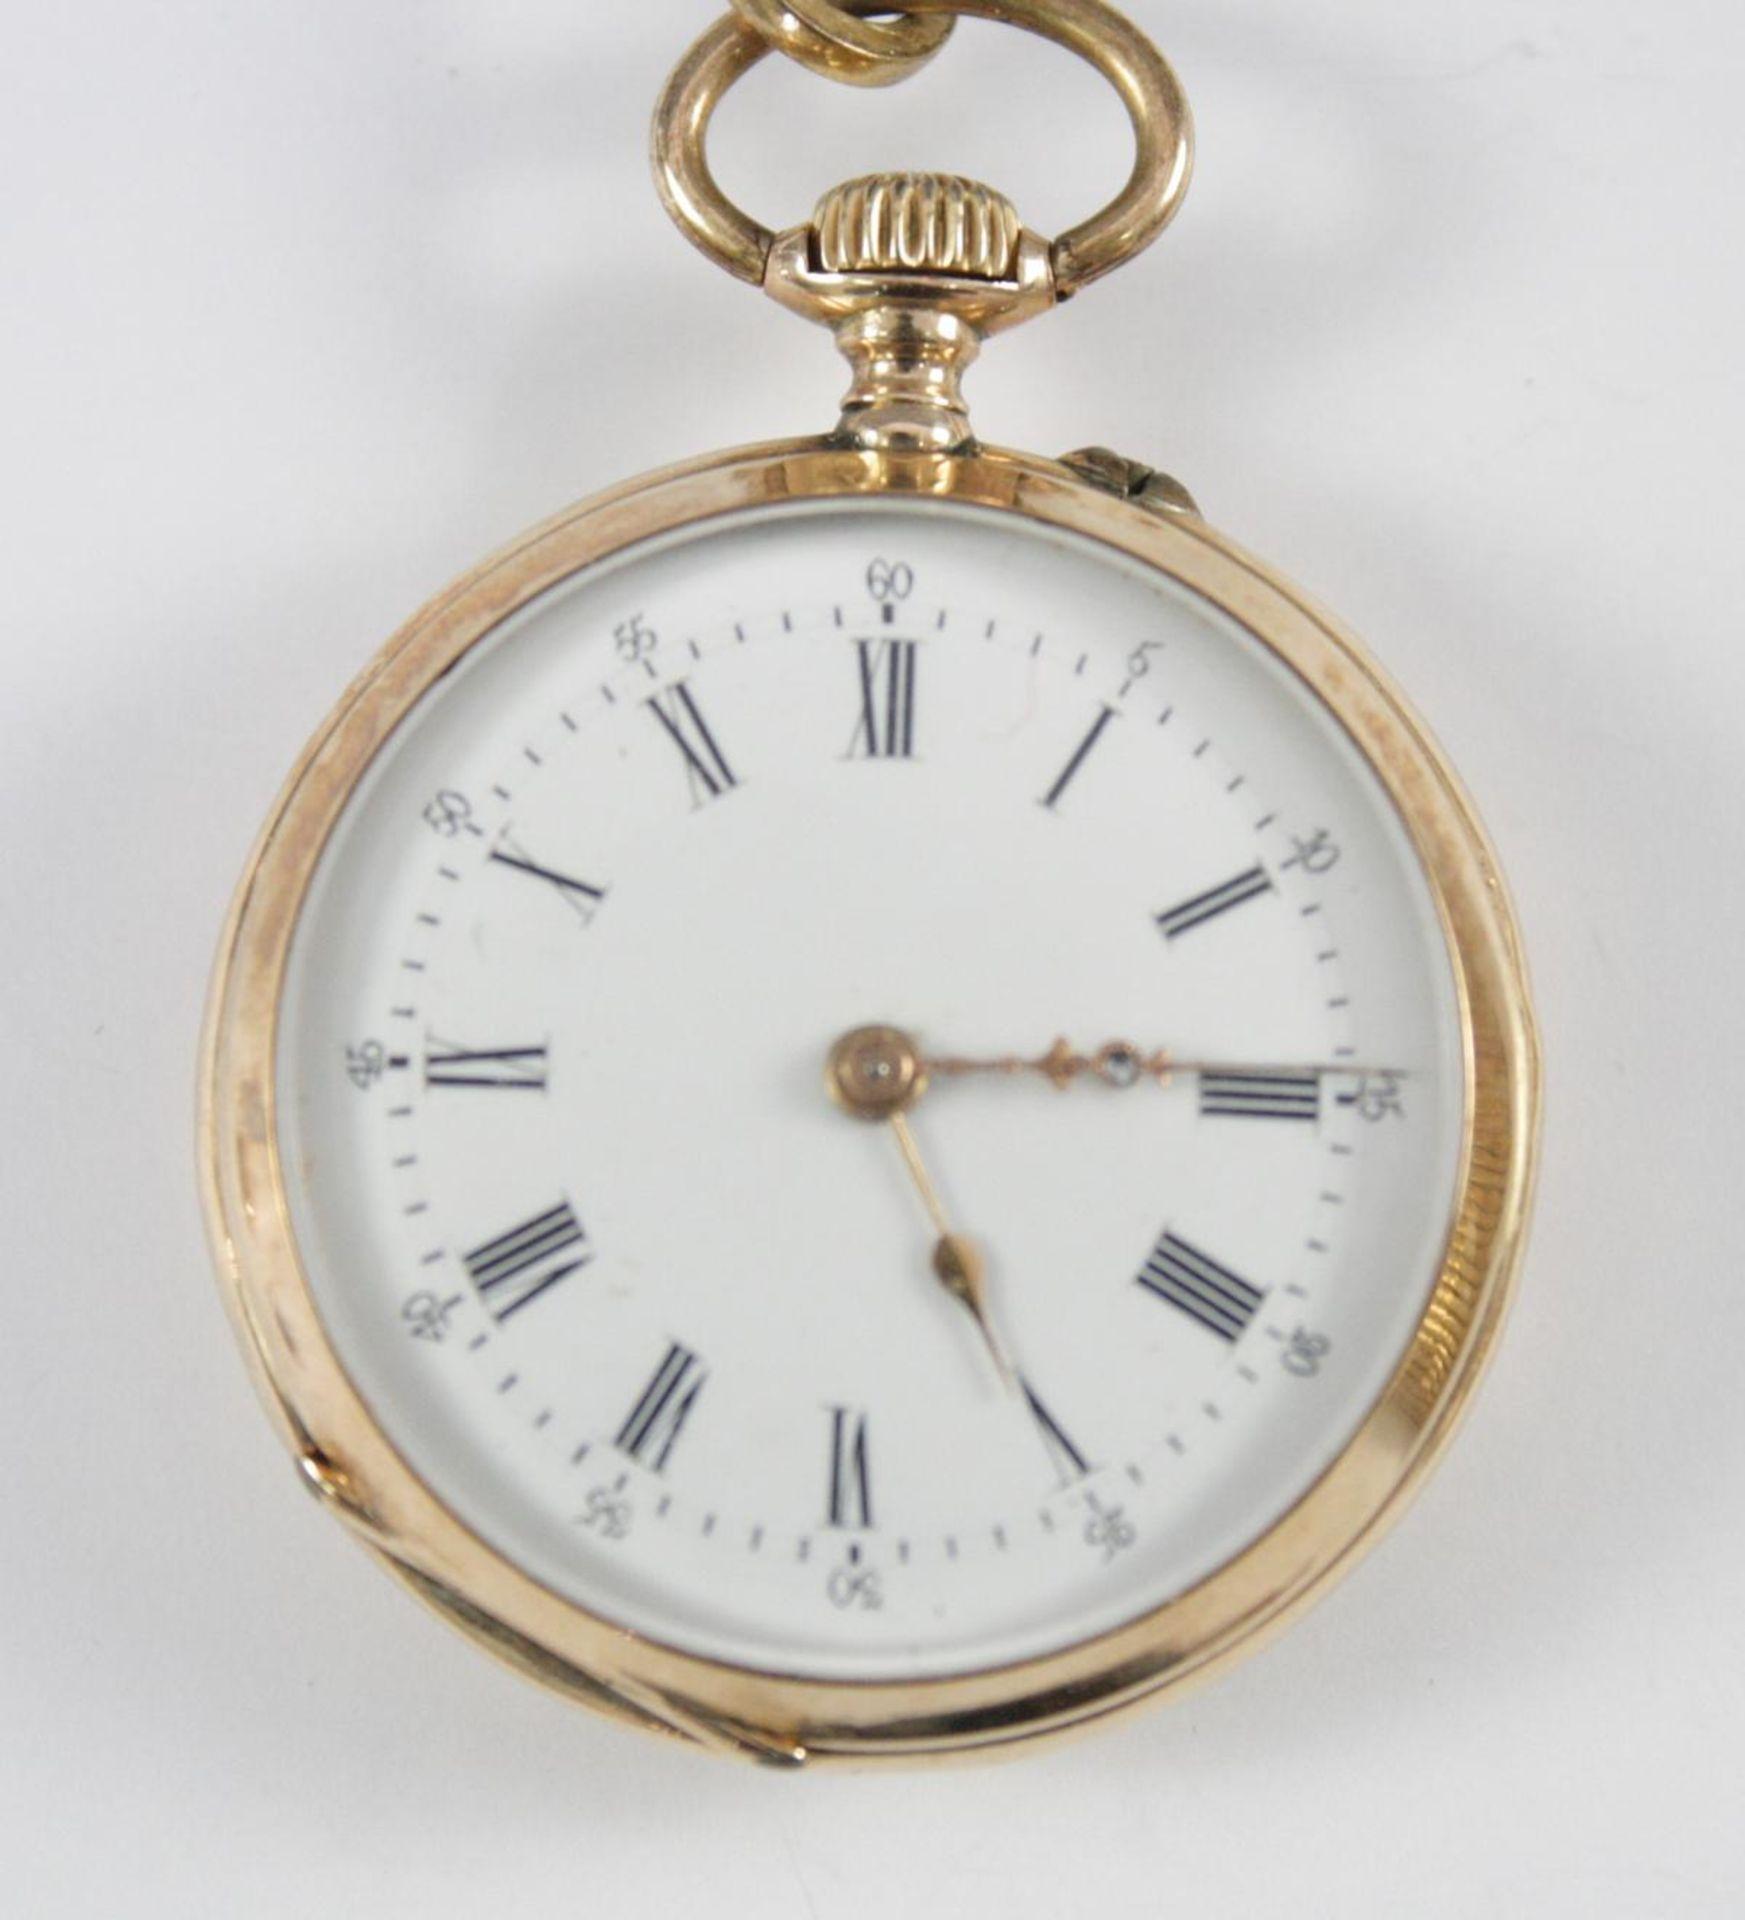 Goldene Damentaschenuhr, 14 Karat Gelbgold - Bild 2 aus 6